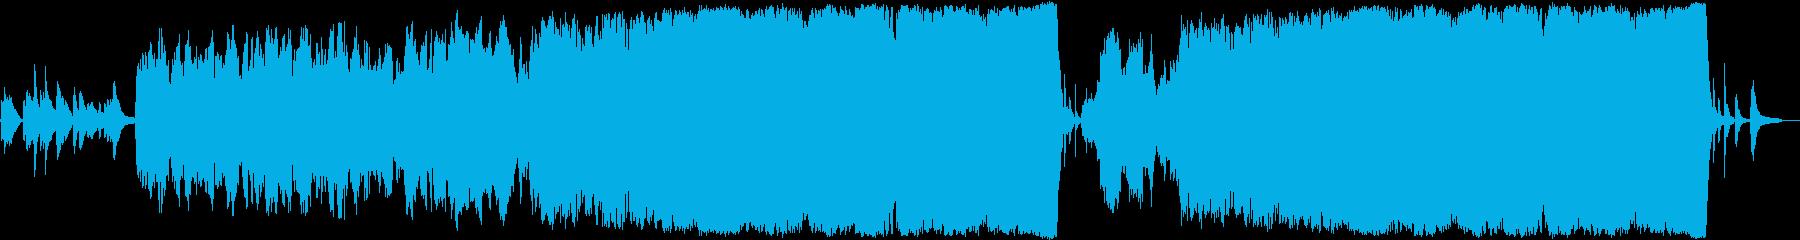 切ないメロディの際立つクラシカルな一曲の再生済みの波形